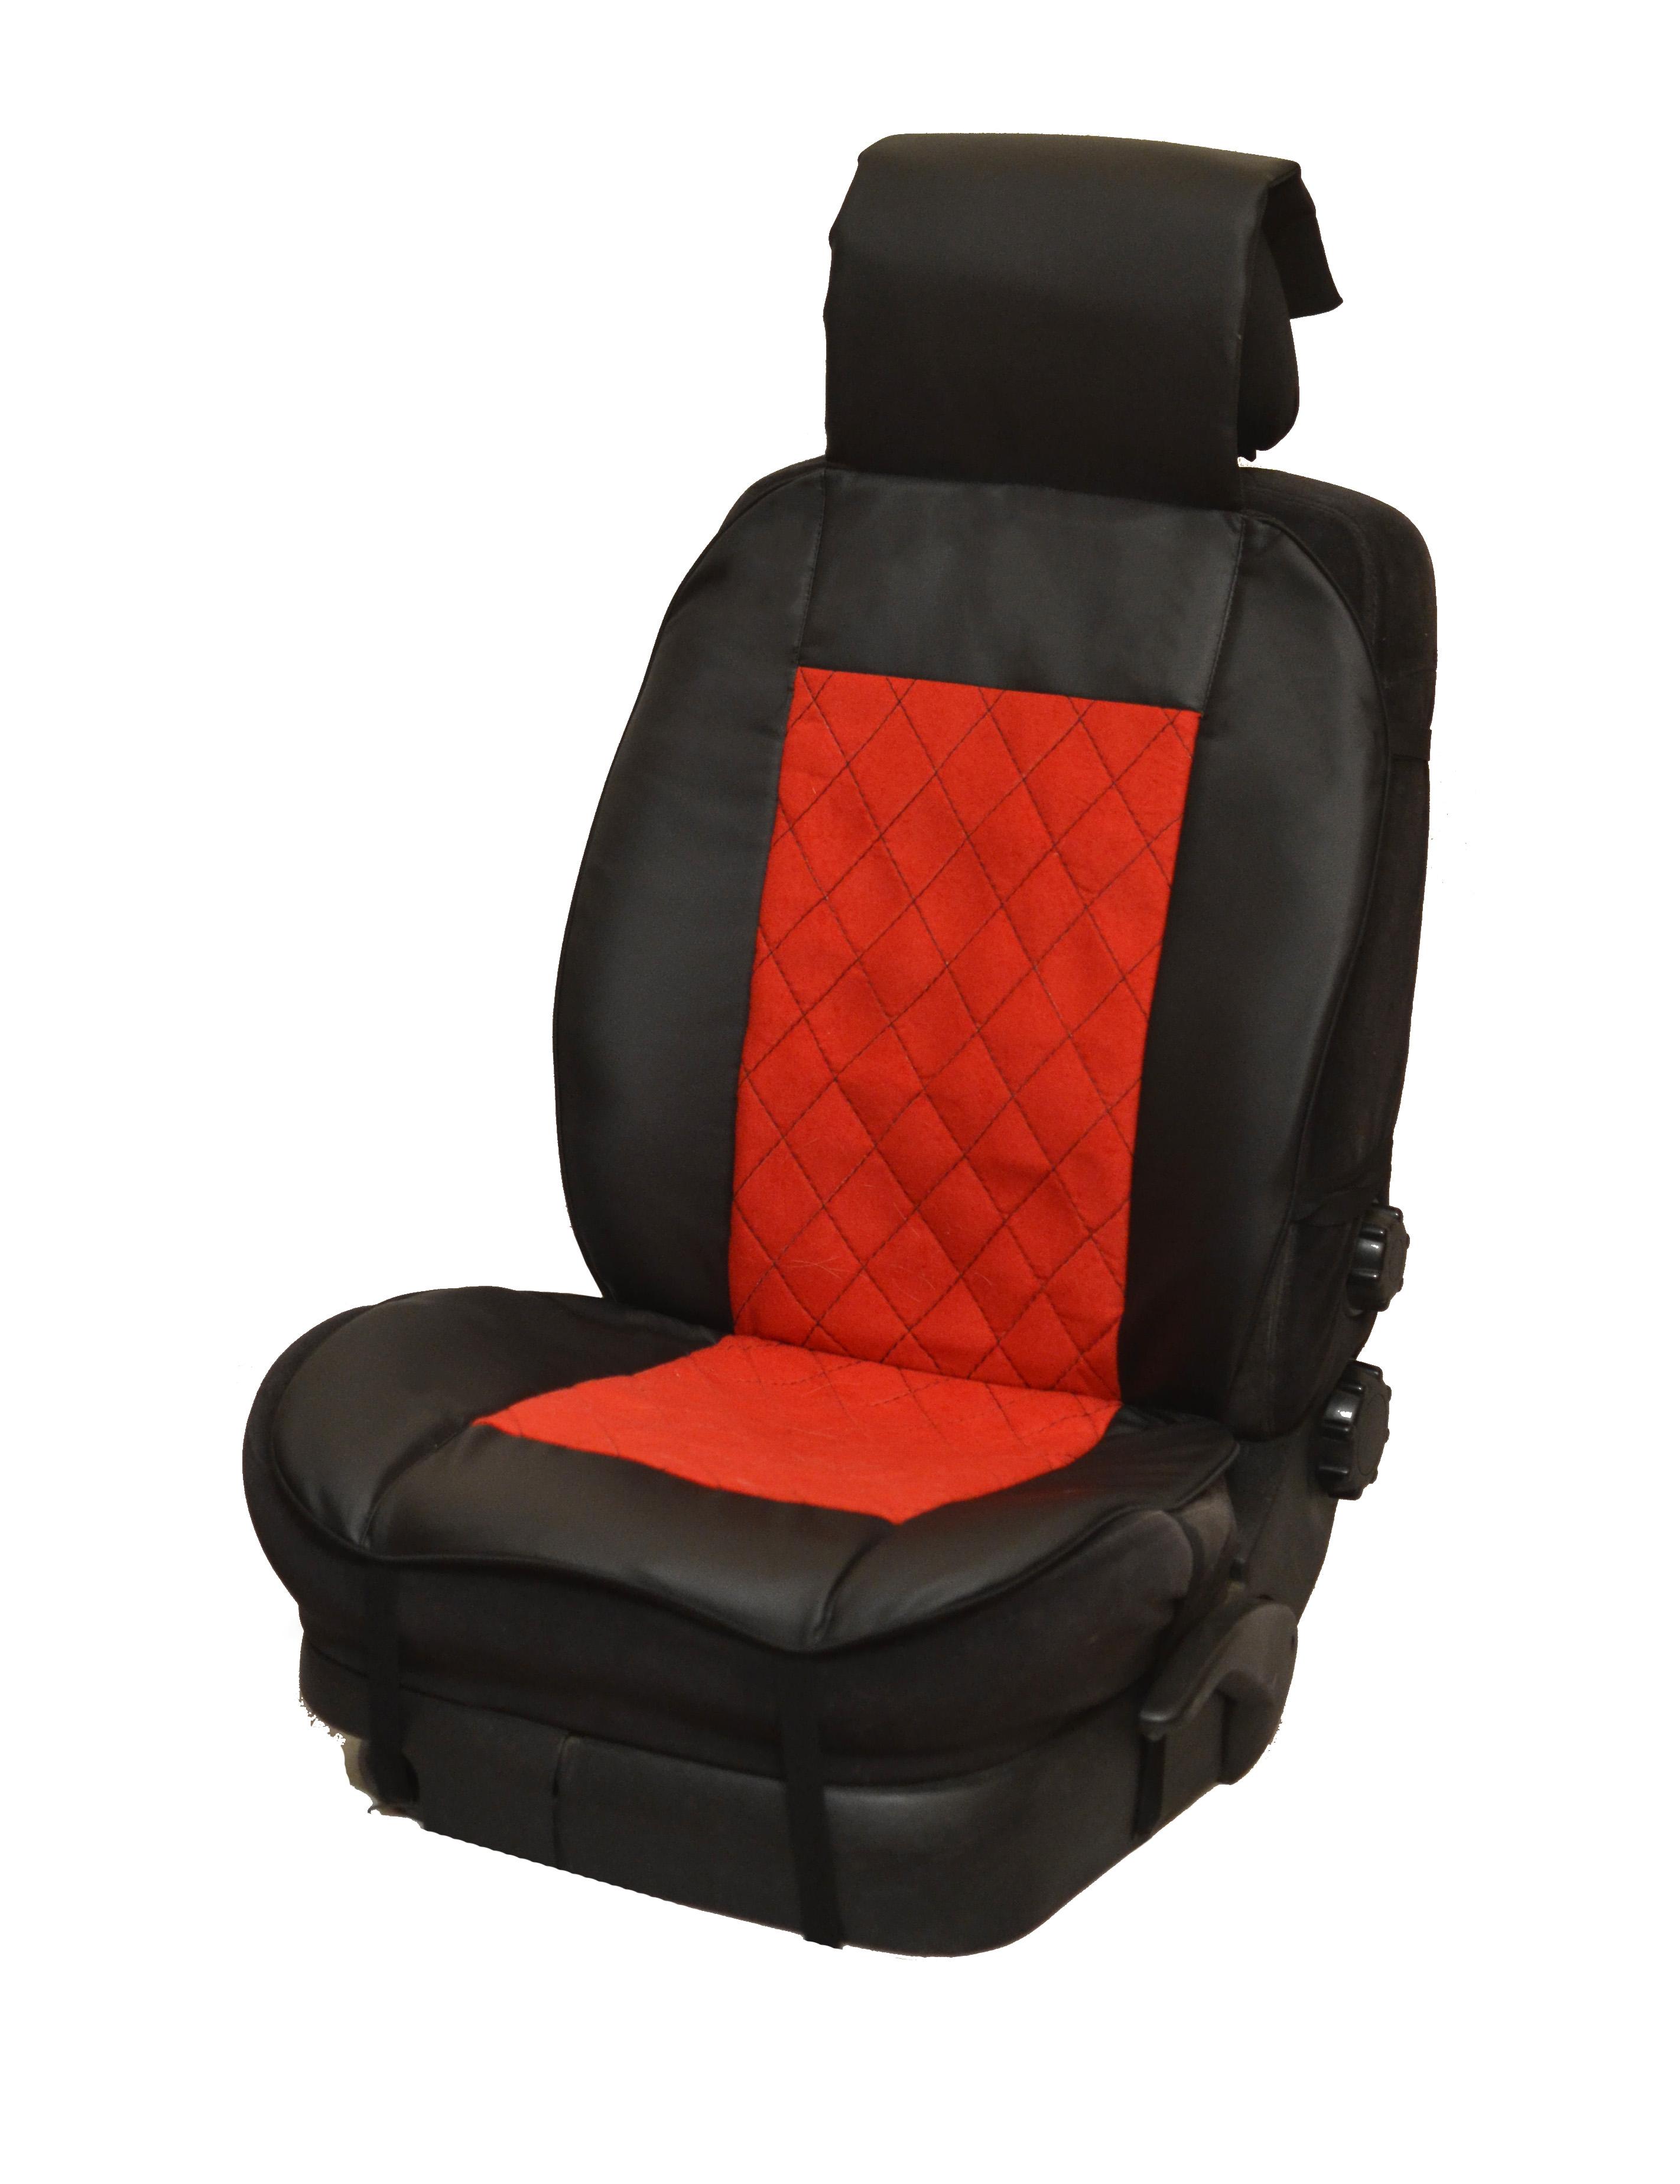 Накидка на полное сидение, велюр (центр) + экокожа (края) + красная отстрочка + подушка, черный-черный